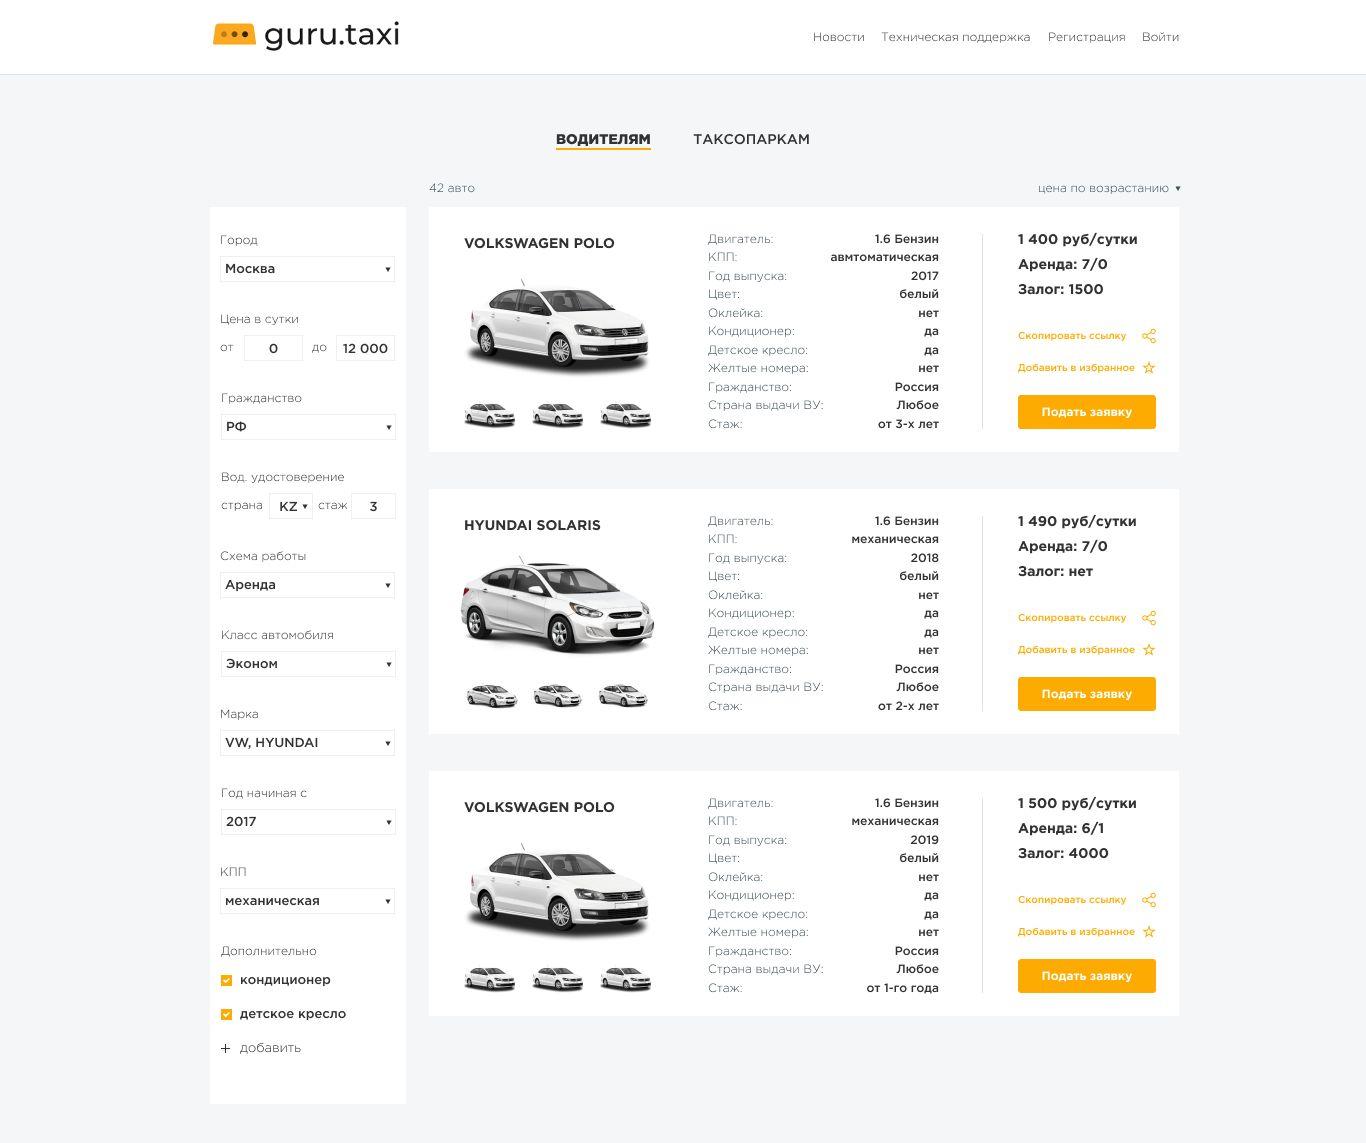 Разработка интерфейса результатов выдачи авто - дизайнер shestpsov